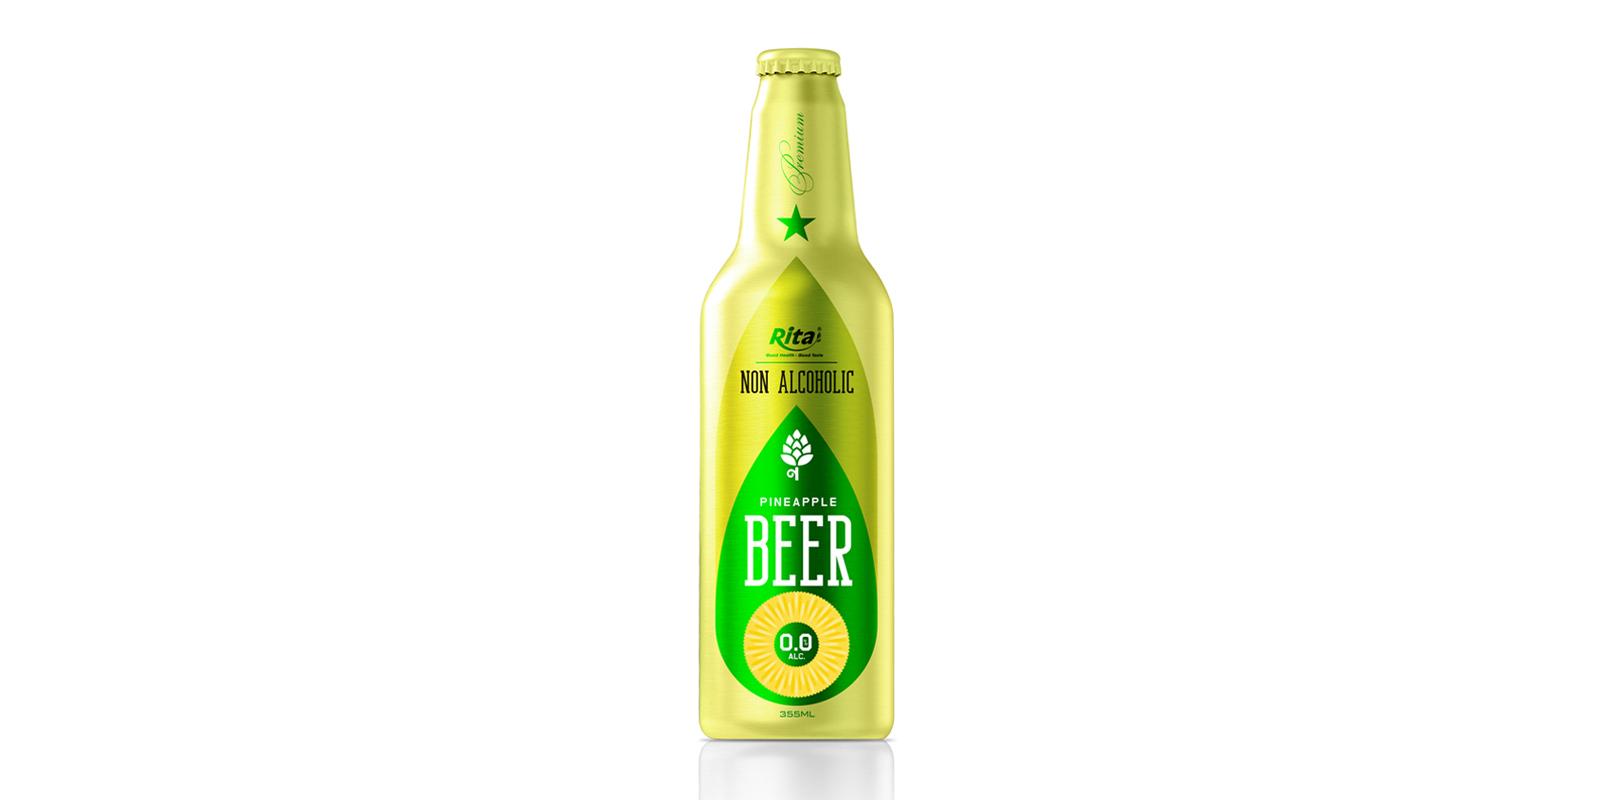 Aluminum Bottle 355ml Pineapple Beer Non Alcoholic